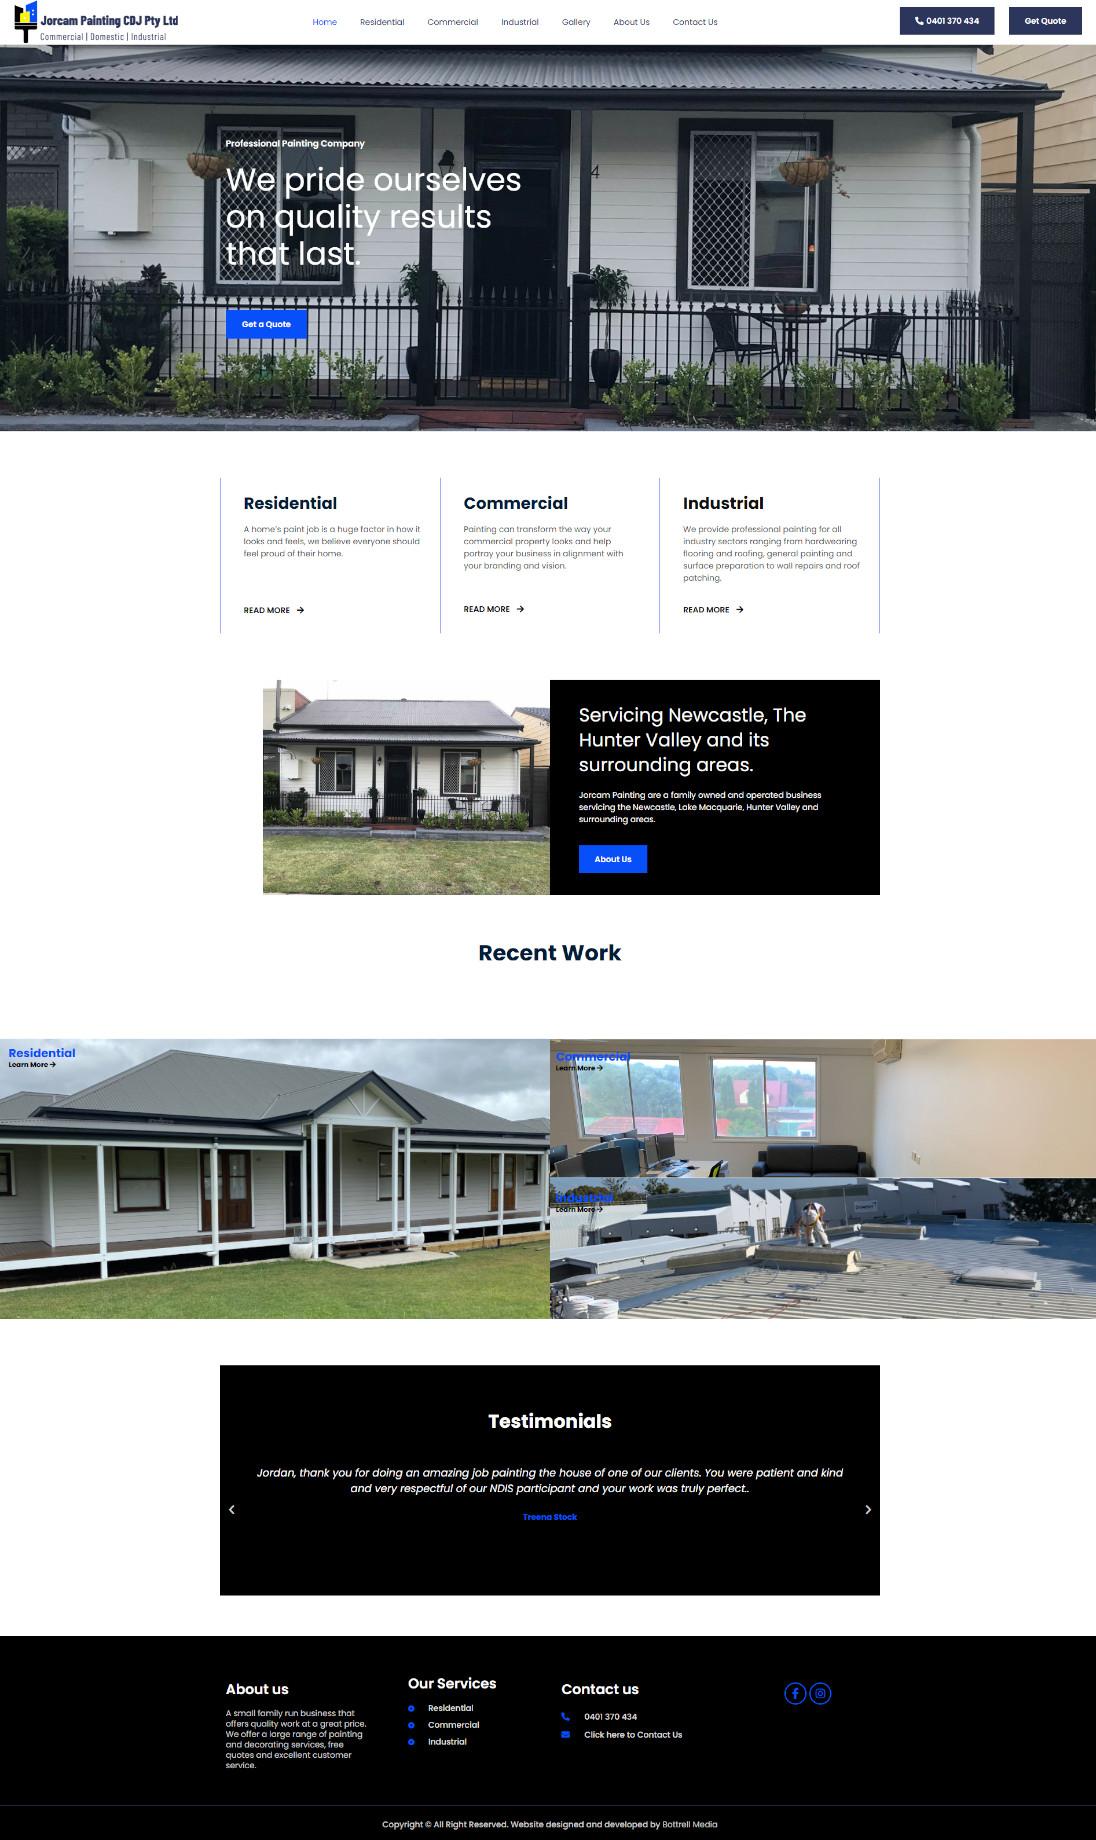 jorcampainting full homepage